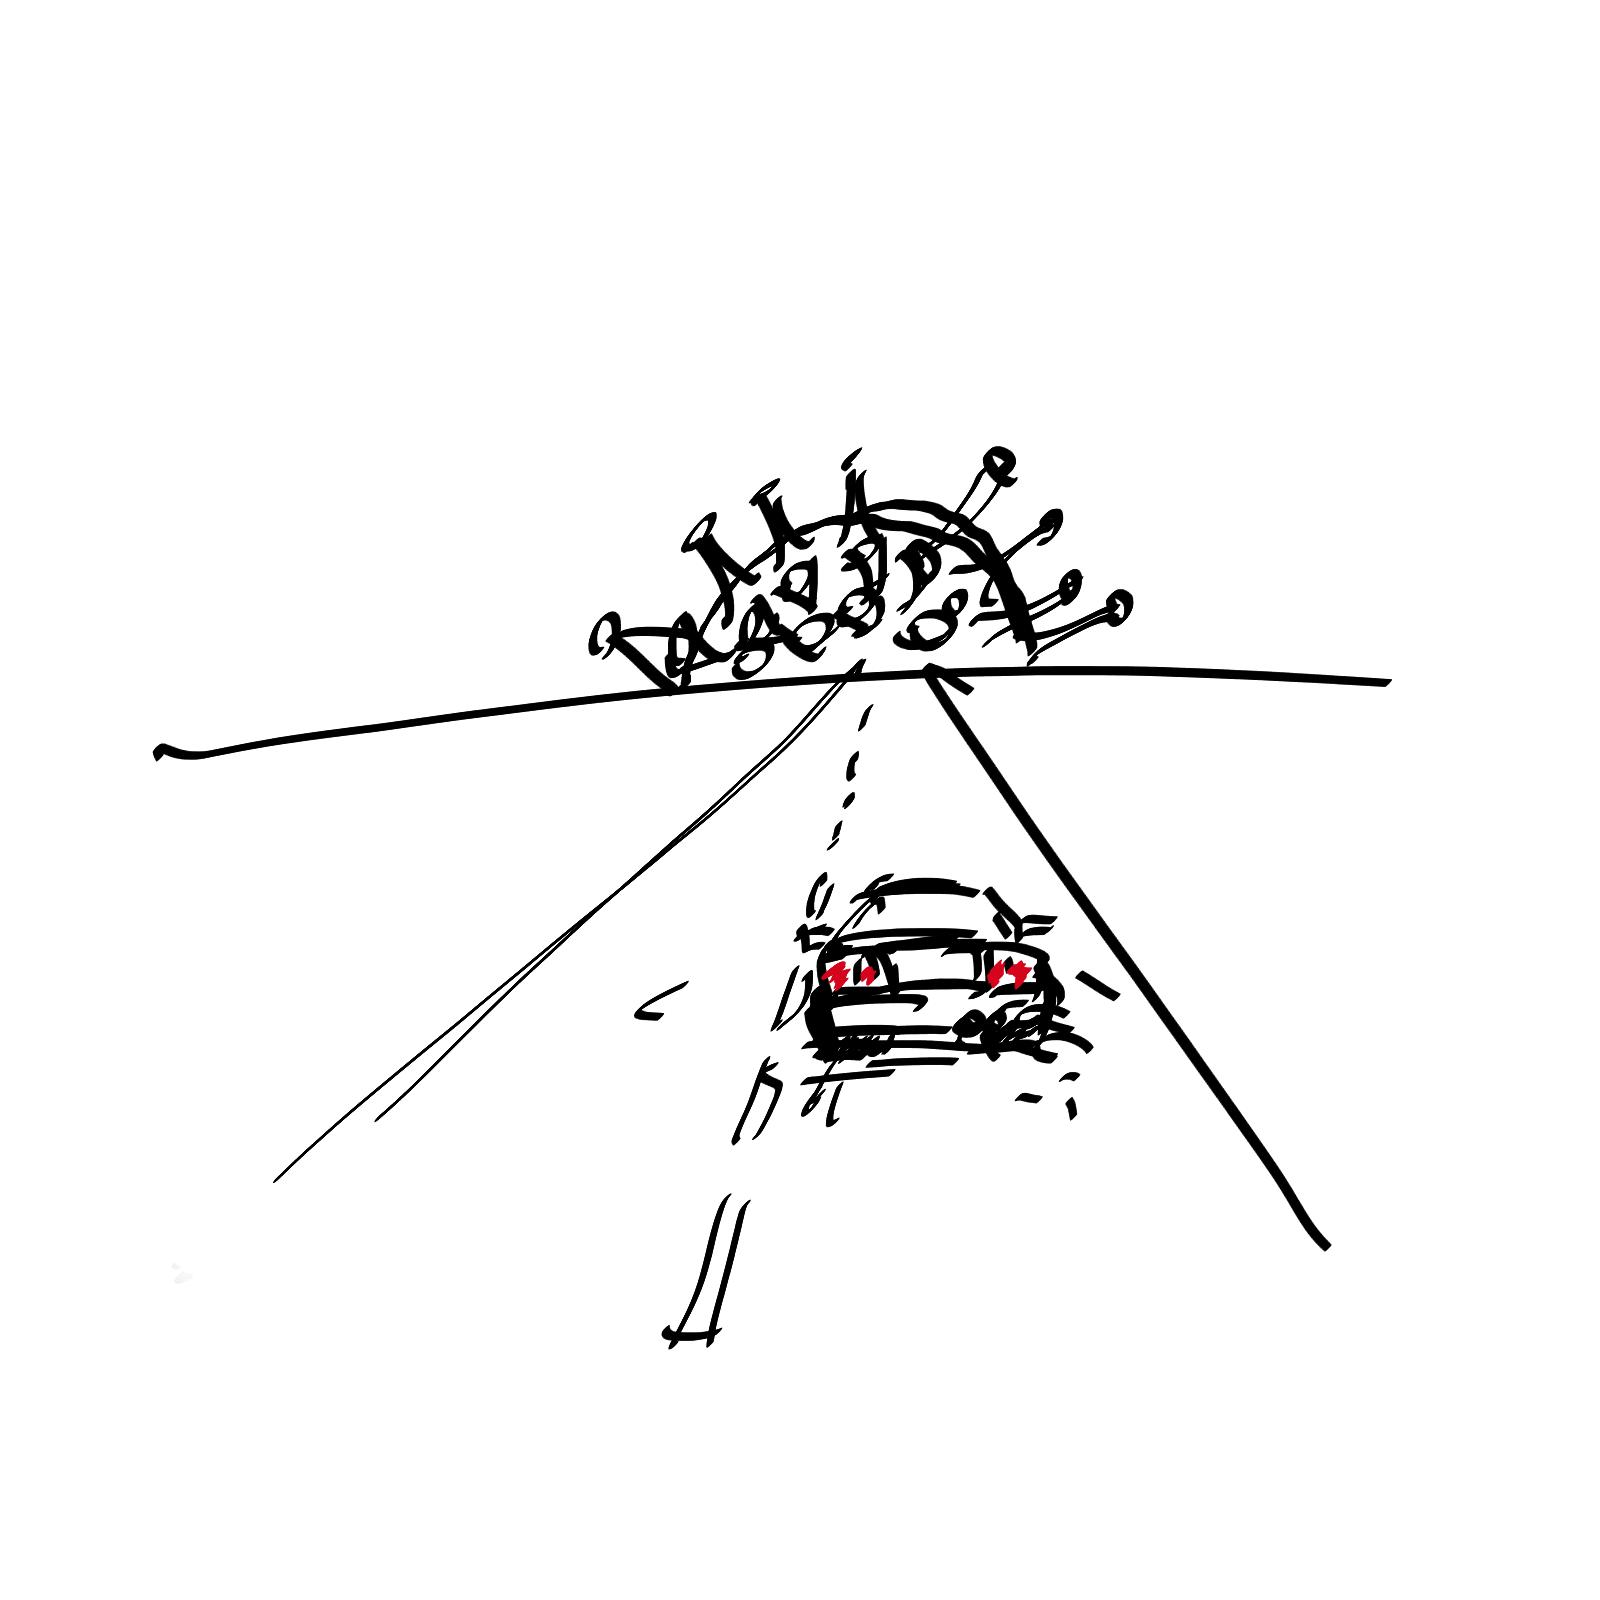 delegacja służbowa; COVID19; samochód na drodze; czarno-biała grafika